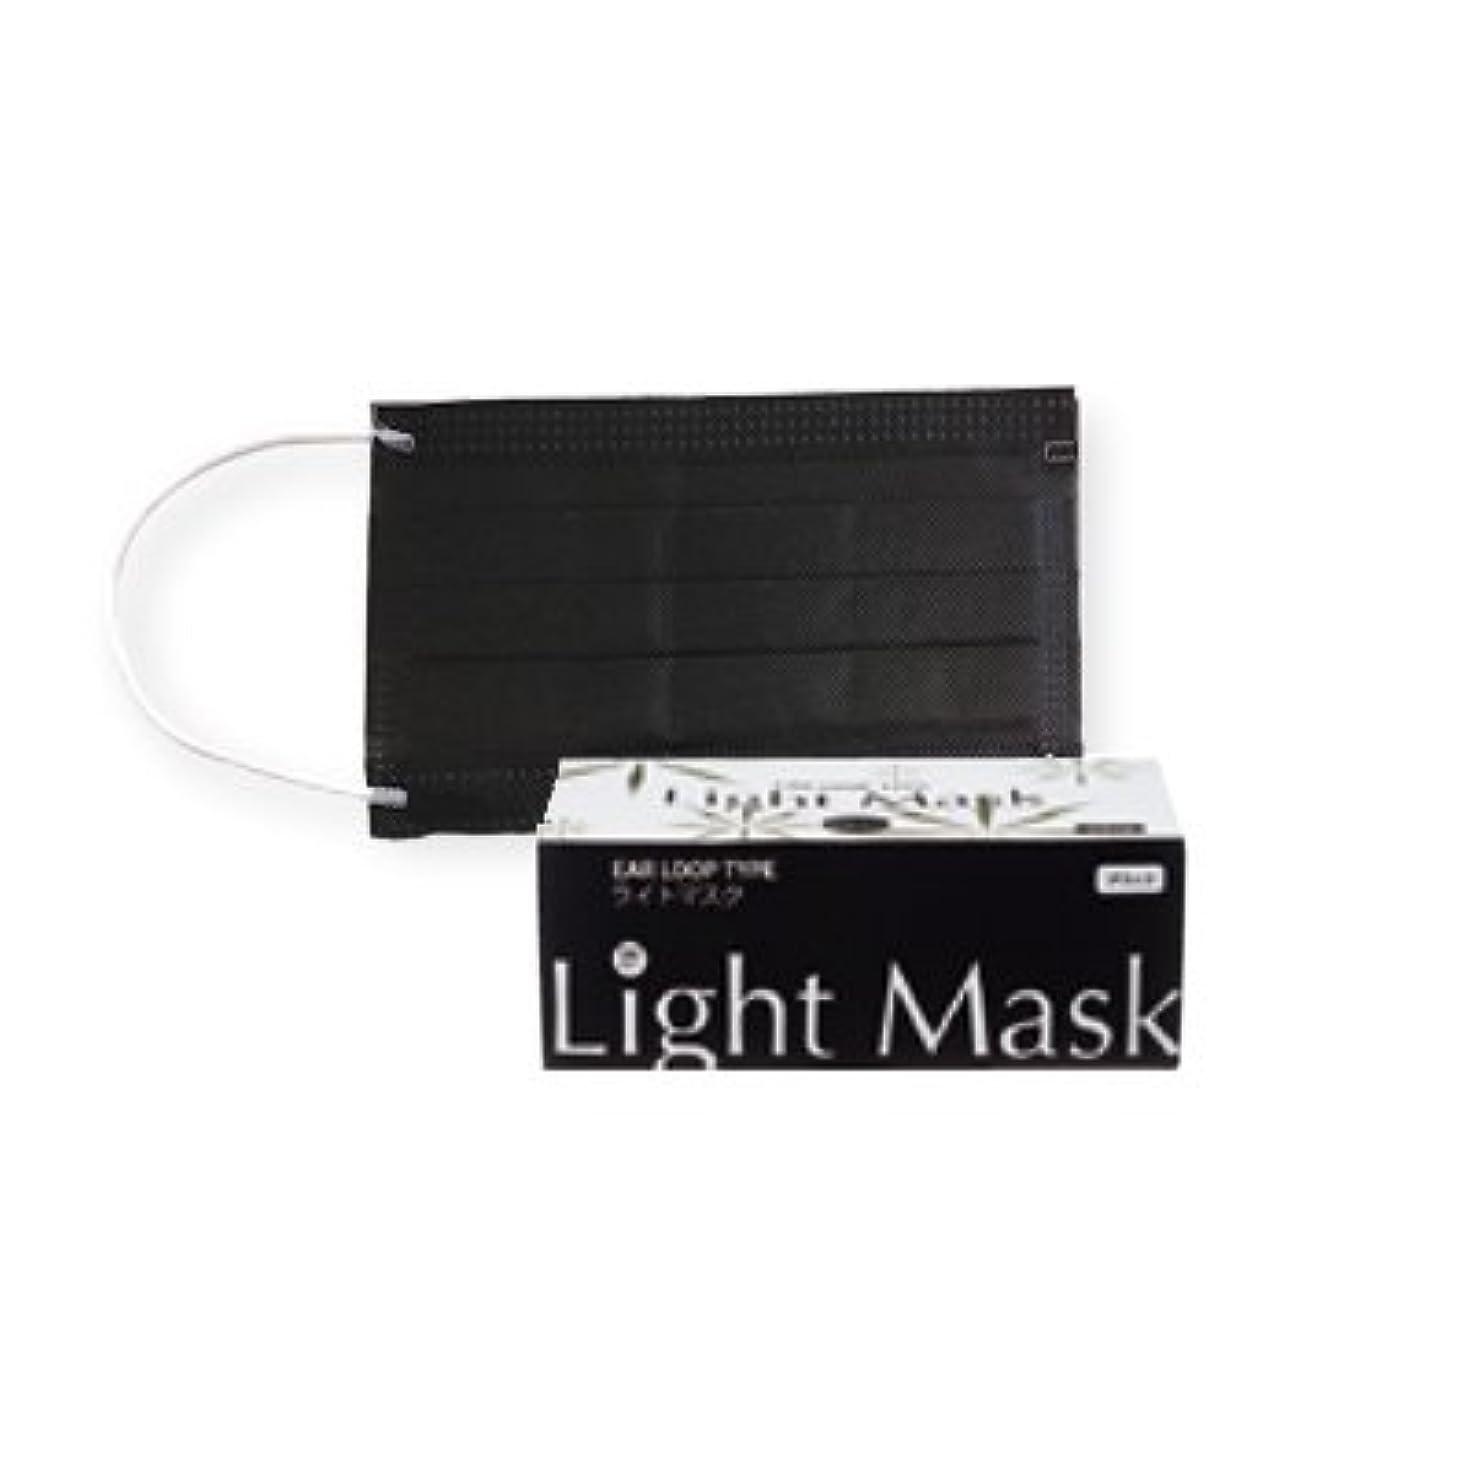 ブランク航空会社高度な(ロータス)LOTUS ライトマスク (不織布 無地 2層 マスク 50枚入)(ブラック)花粉症対策